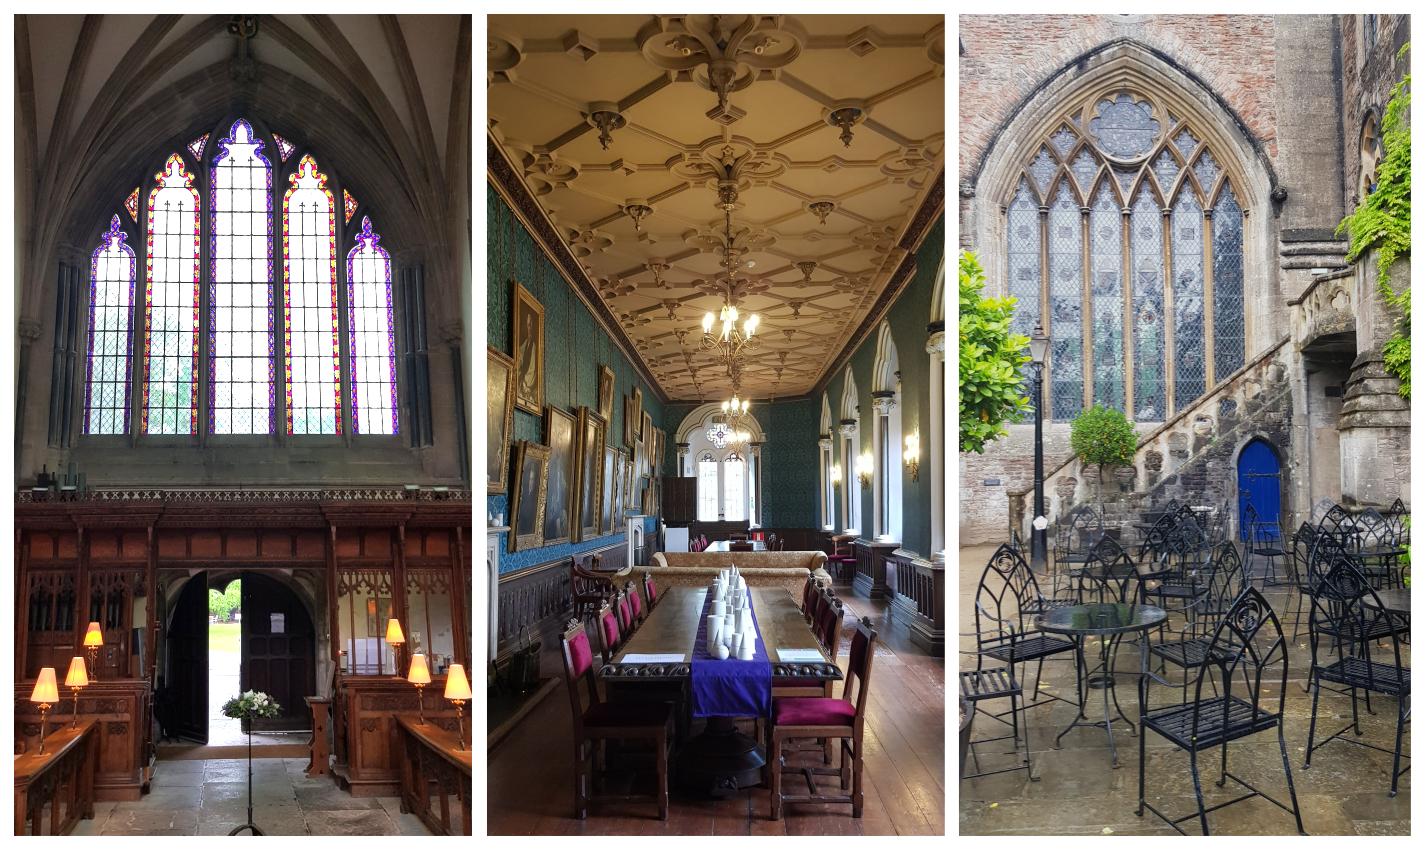 קולאג' תמונות מתוך הארמון